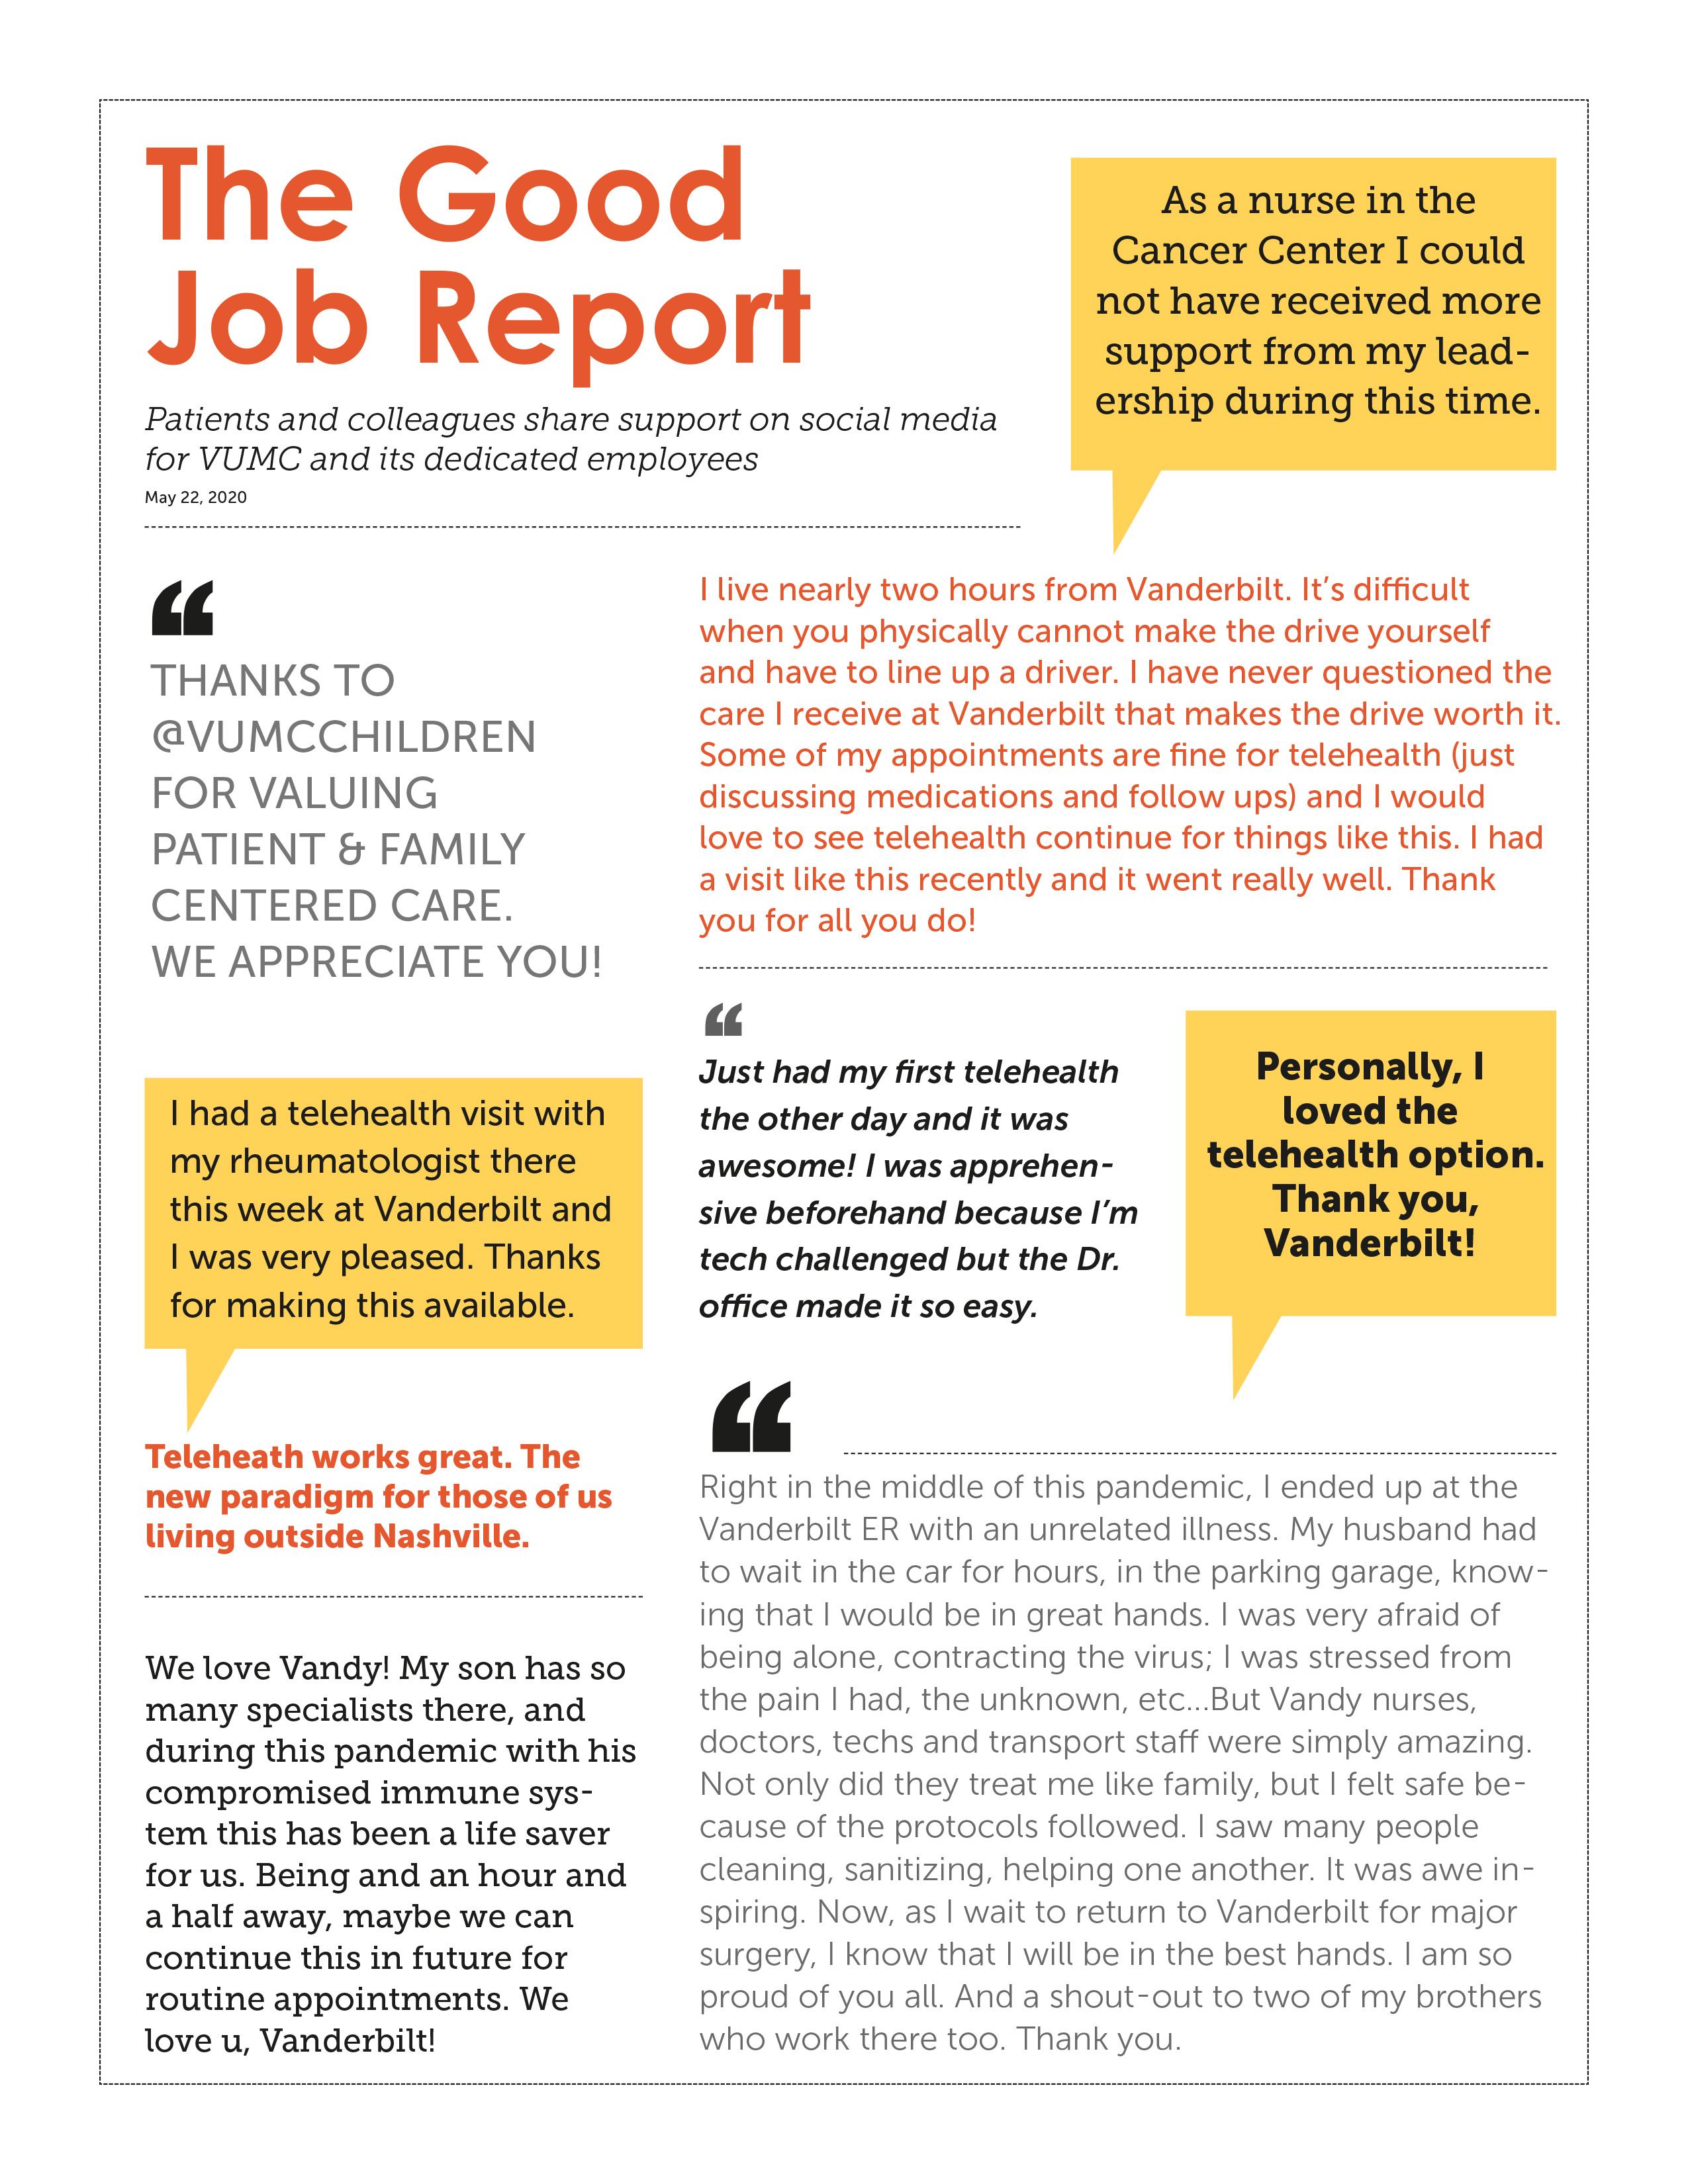 good job report 05 22 2020